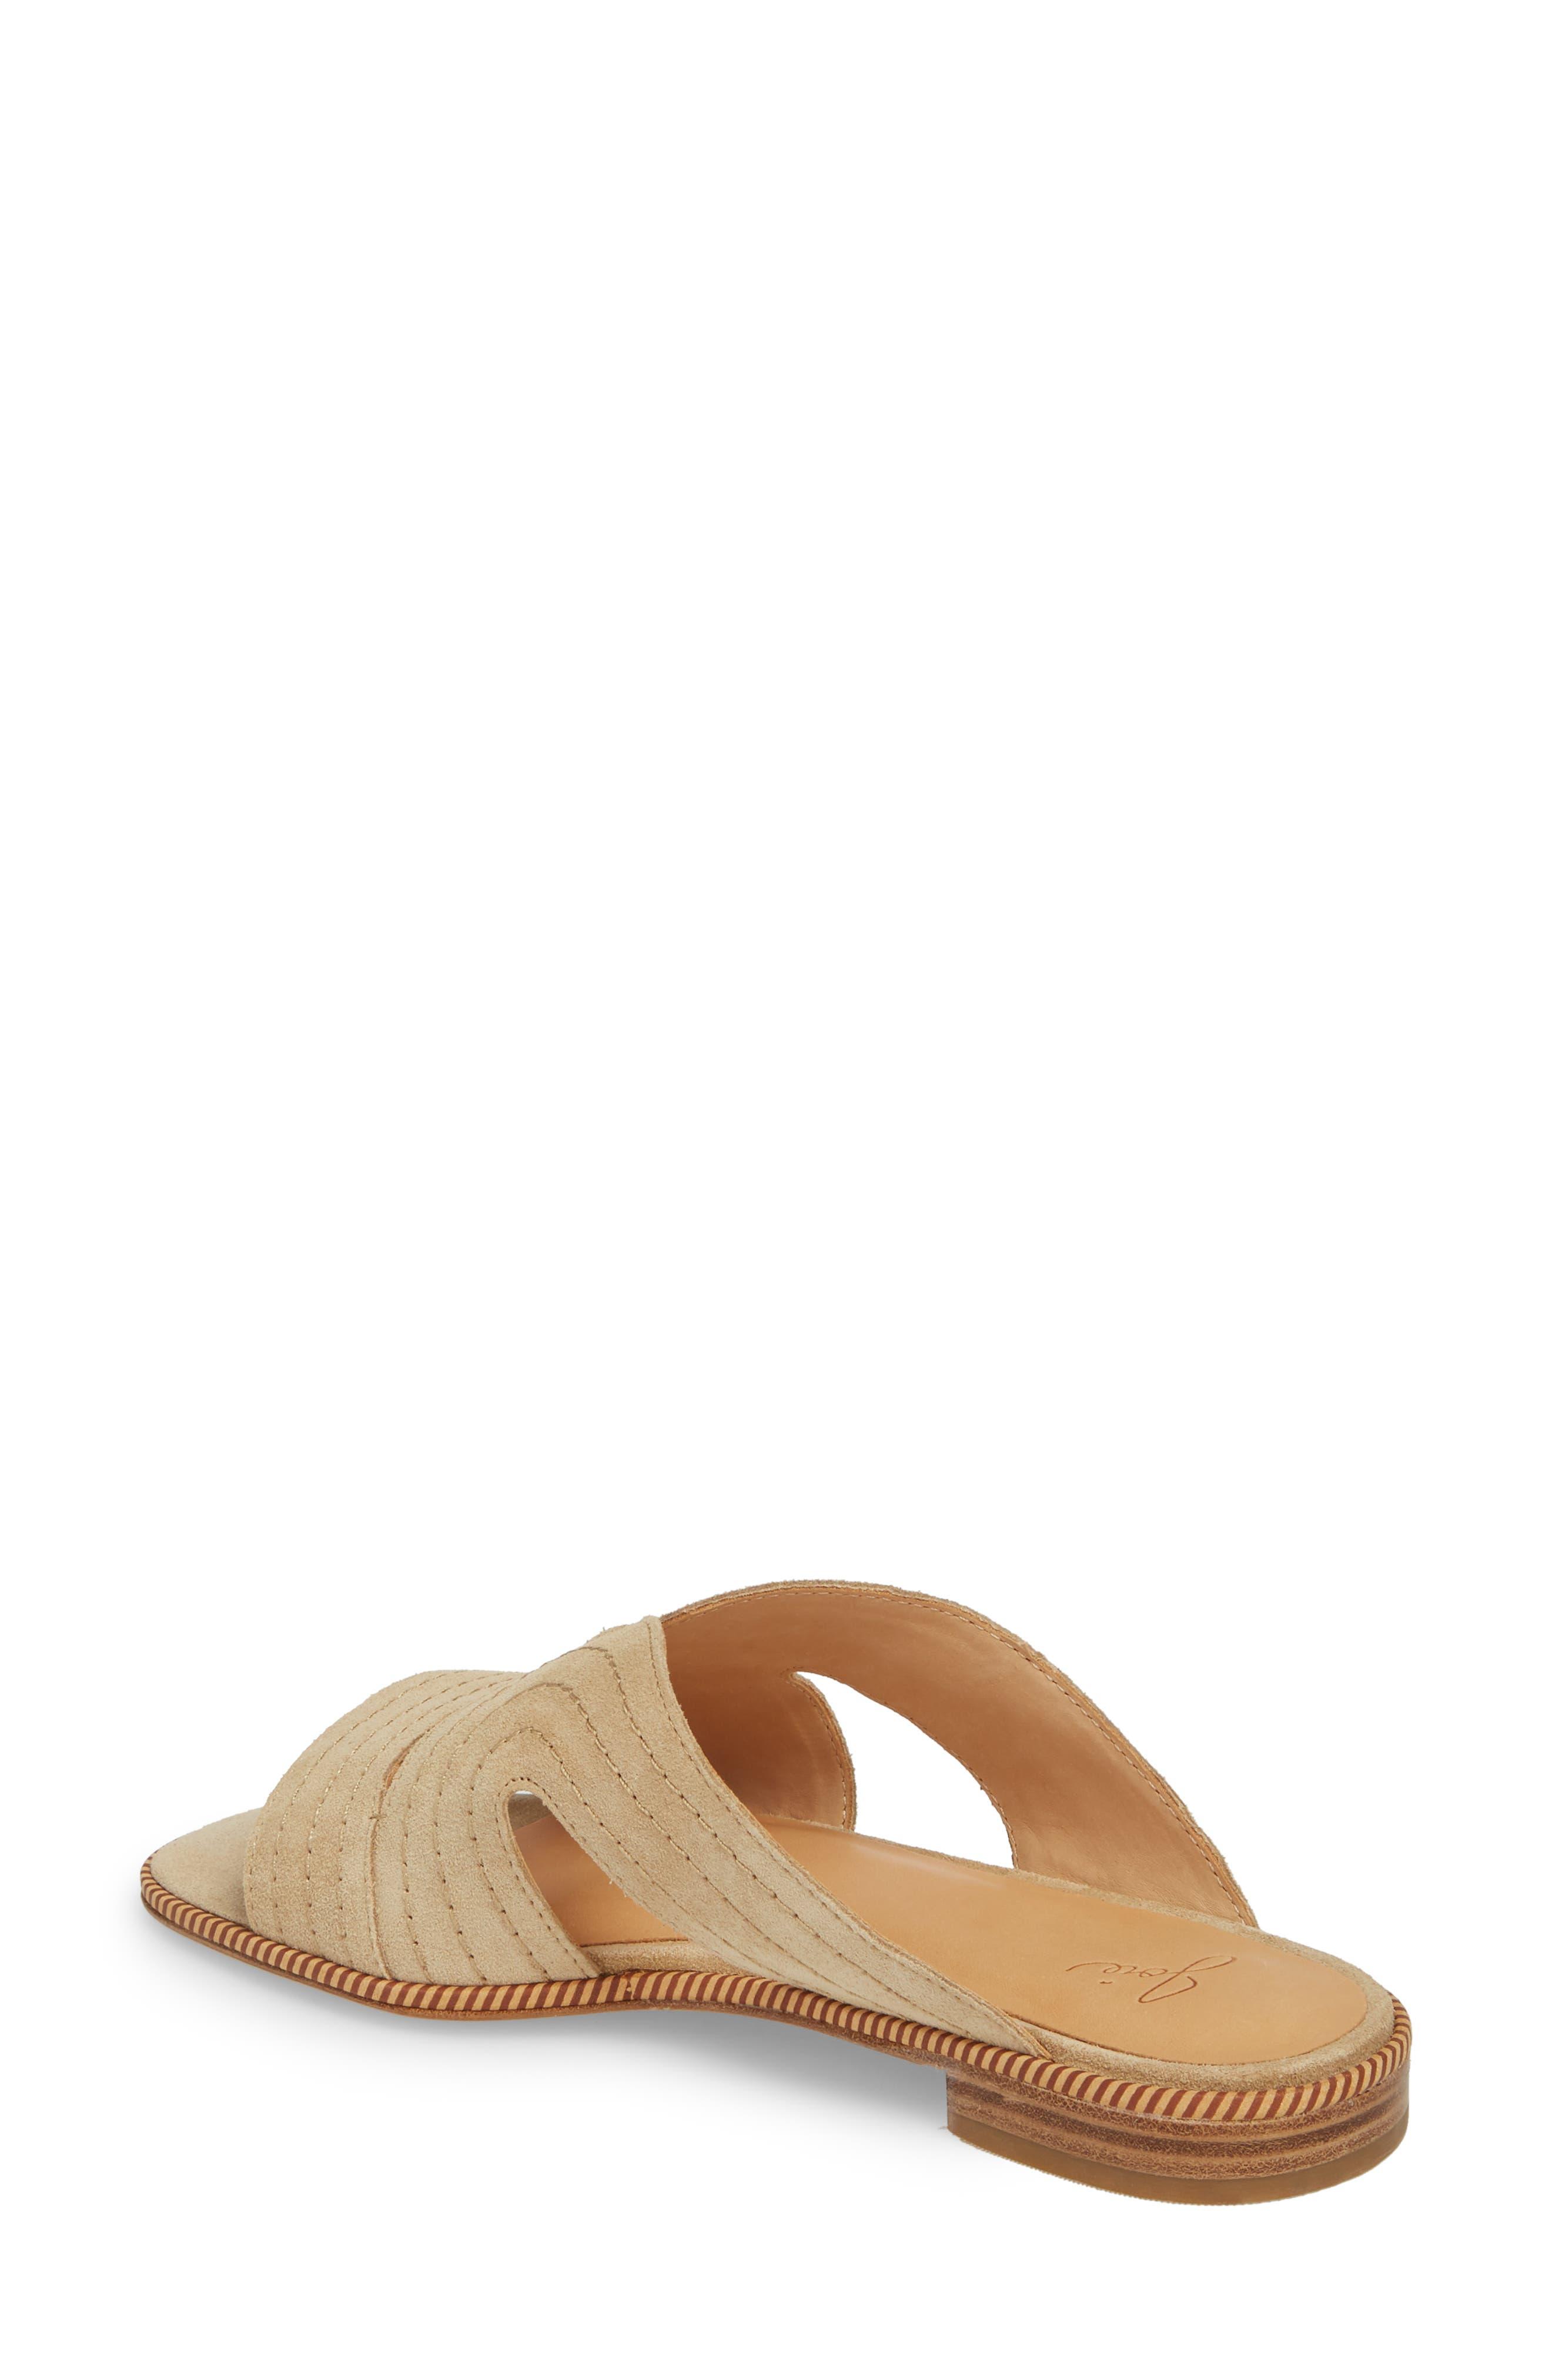 Paetyn Slide Sandal,                             Alternate thumbnail 2, color,                             250